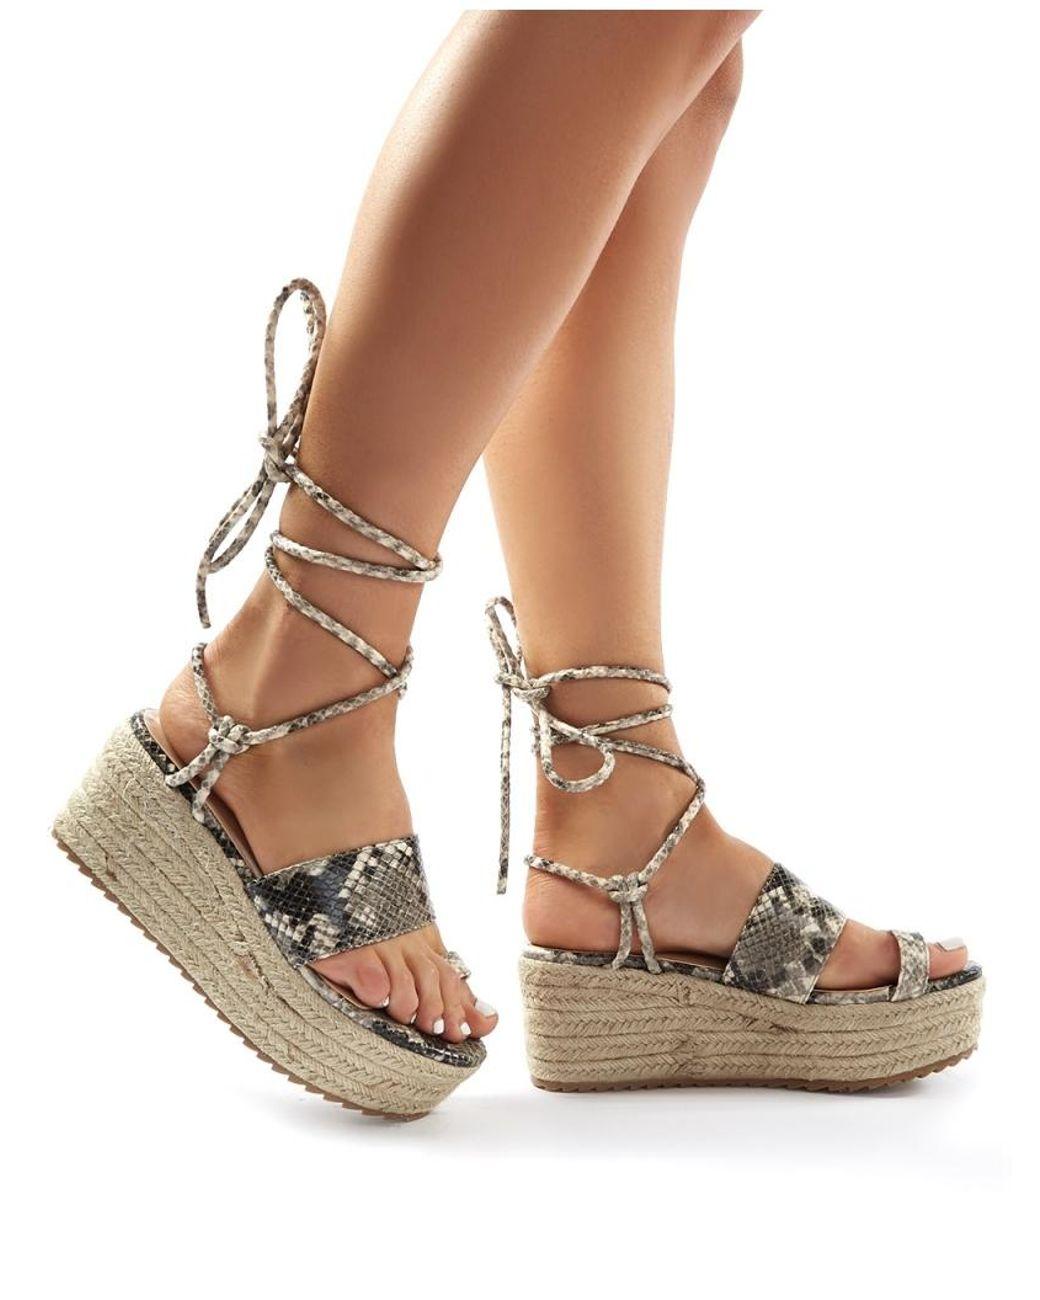 Hailey Baldwin x Public Desire Shoes Collaboration Shop